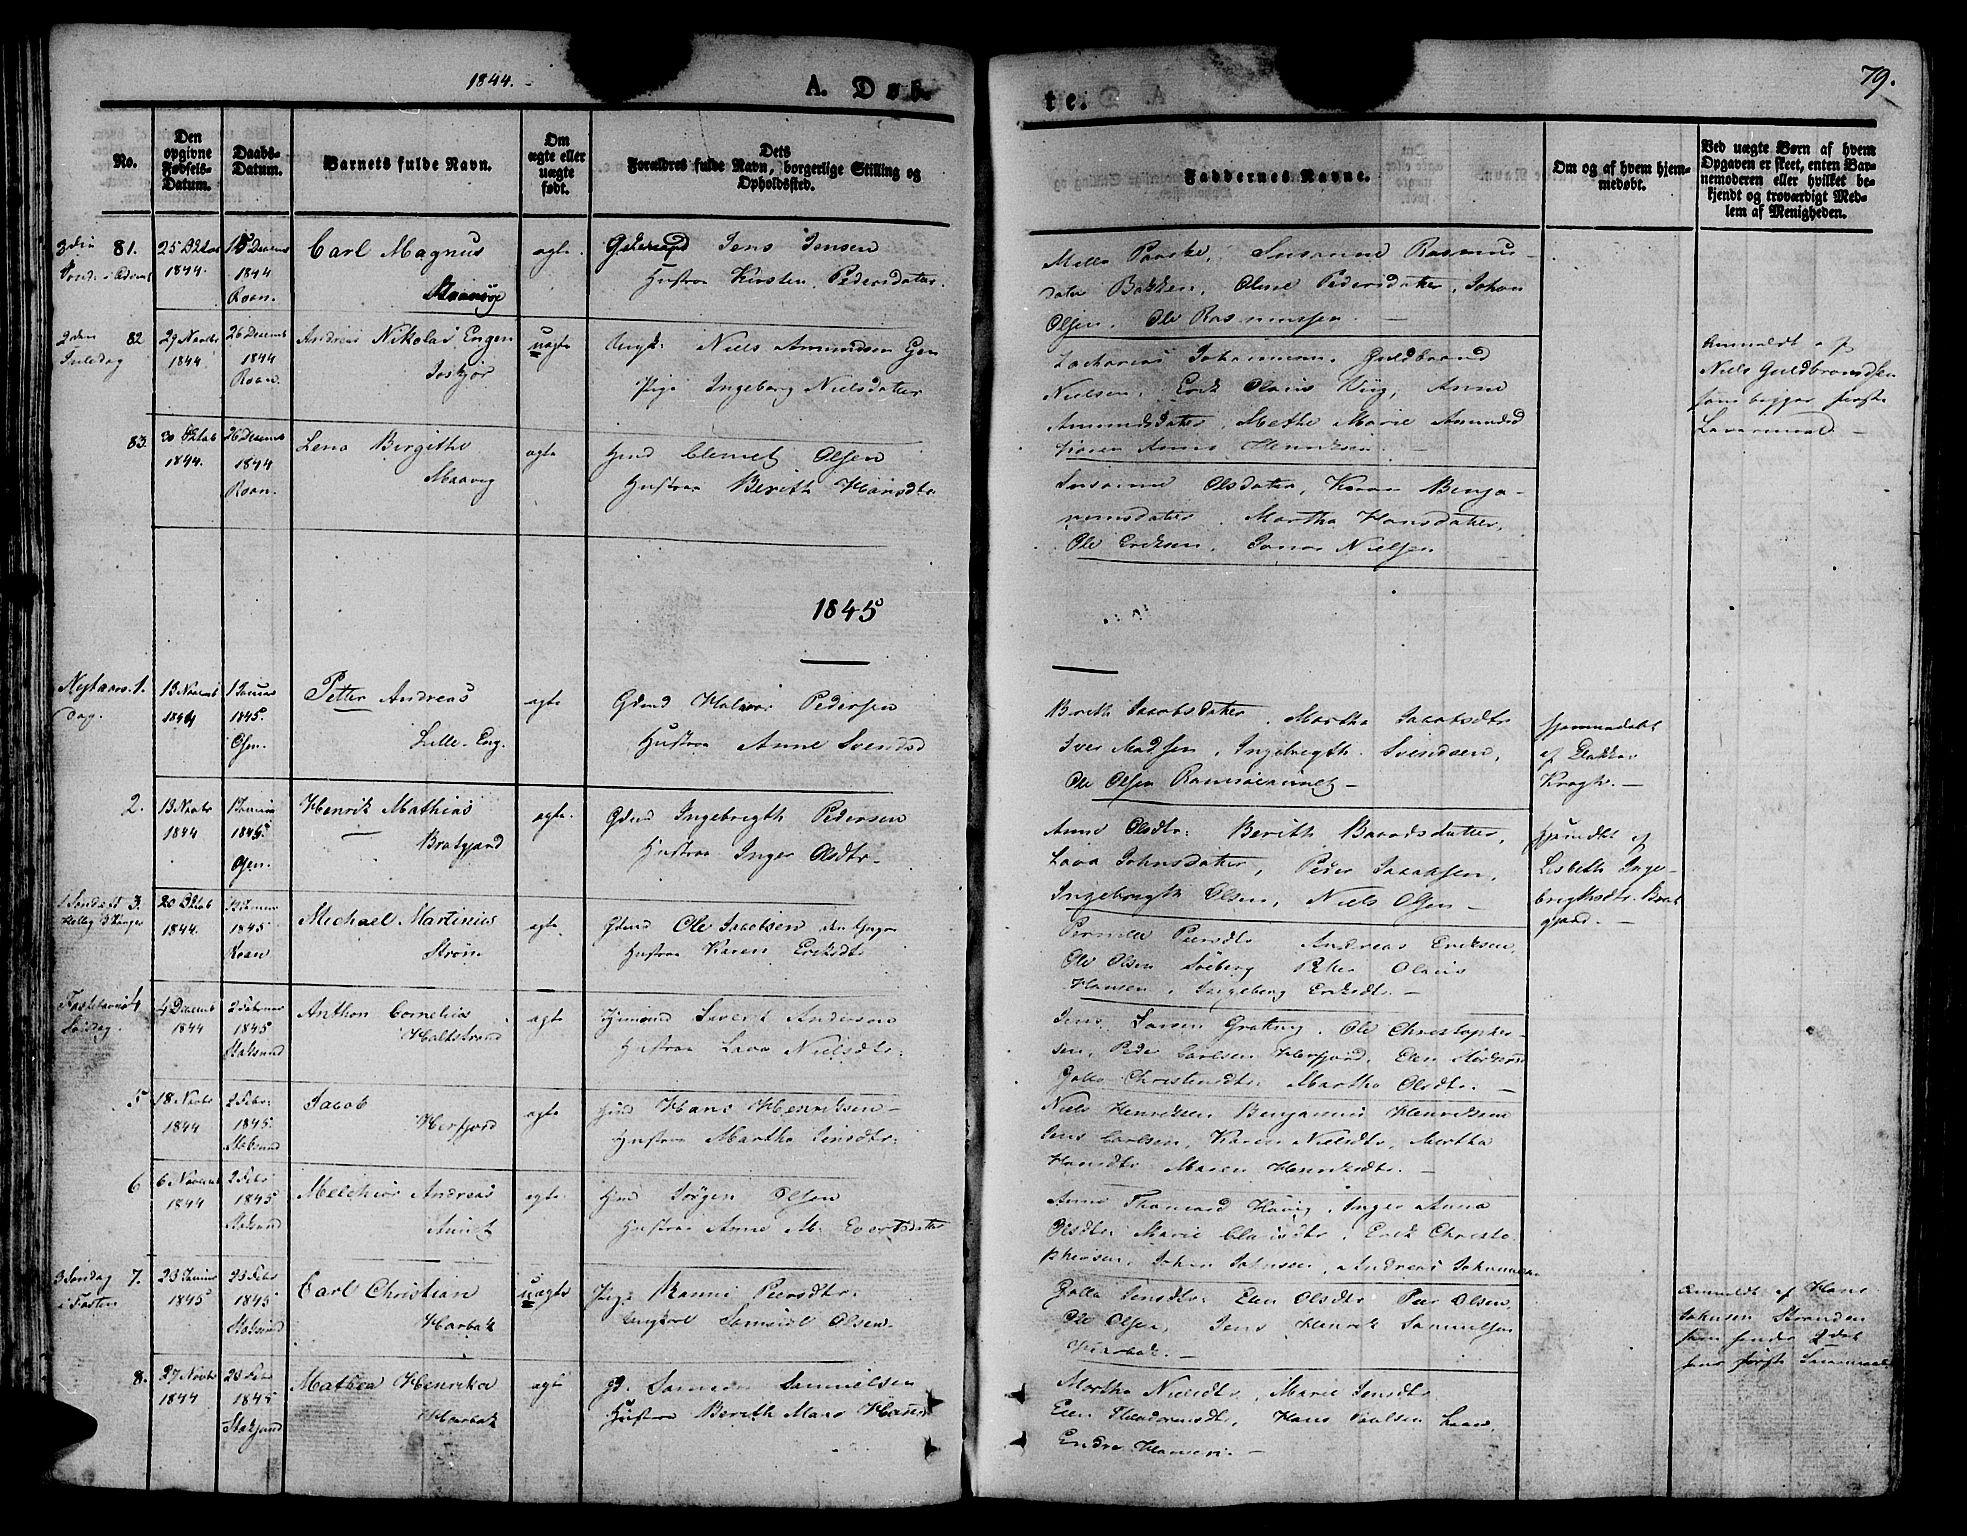 SAT, Ministerialprotokoller, klokkerbøker og fødselsregistre - Sør-Trøndelag, 657/L0703: Ministerialbok nr. 657A04, 1831-1846, s. 79